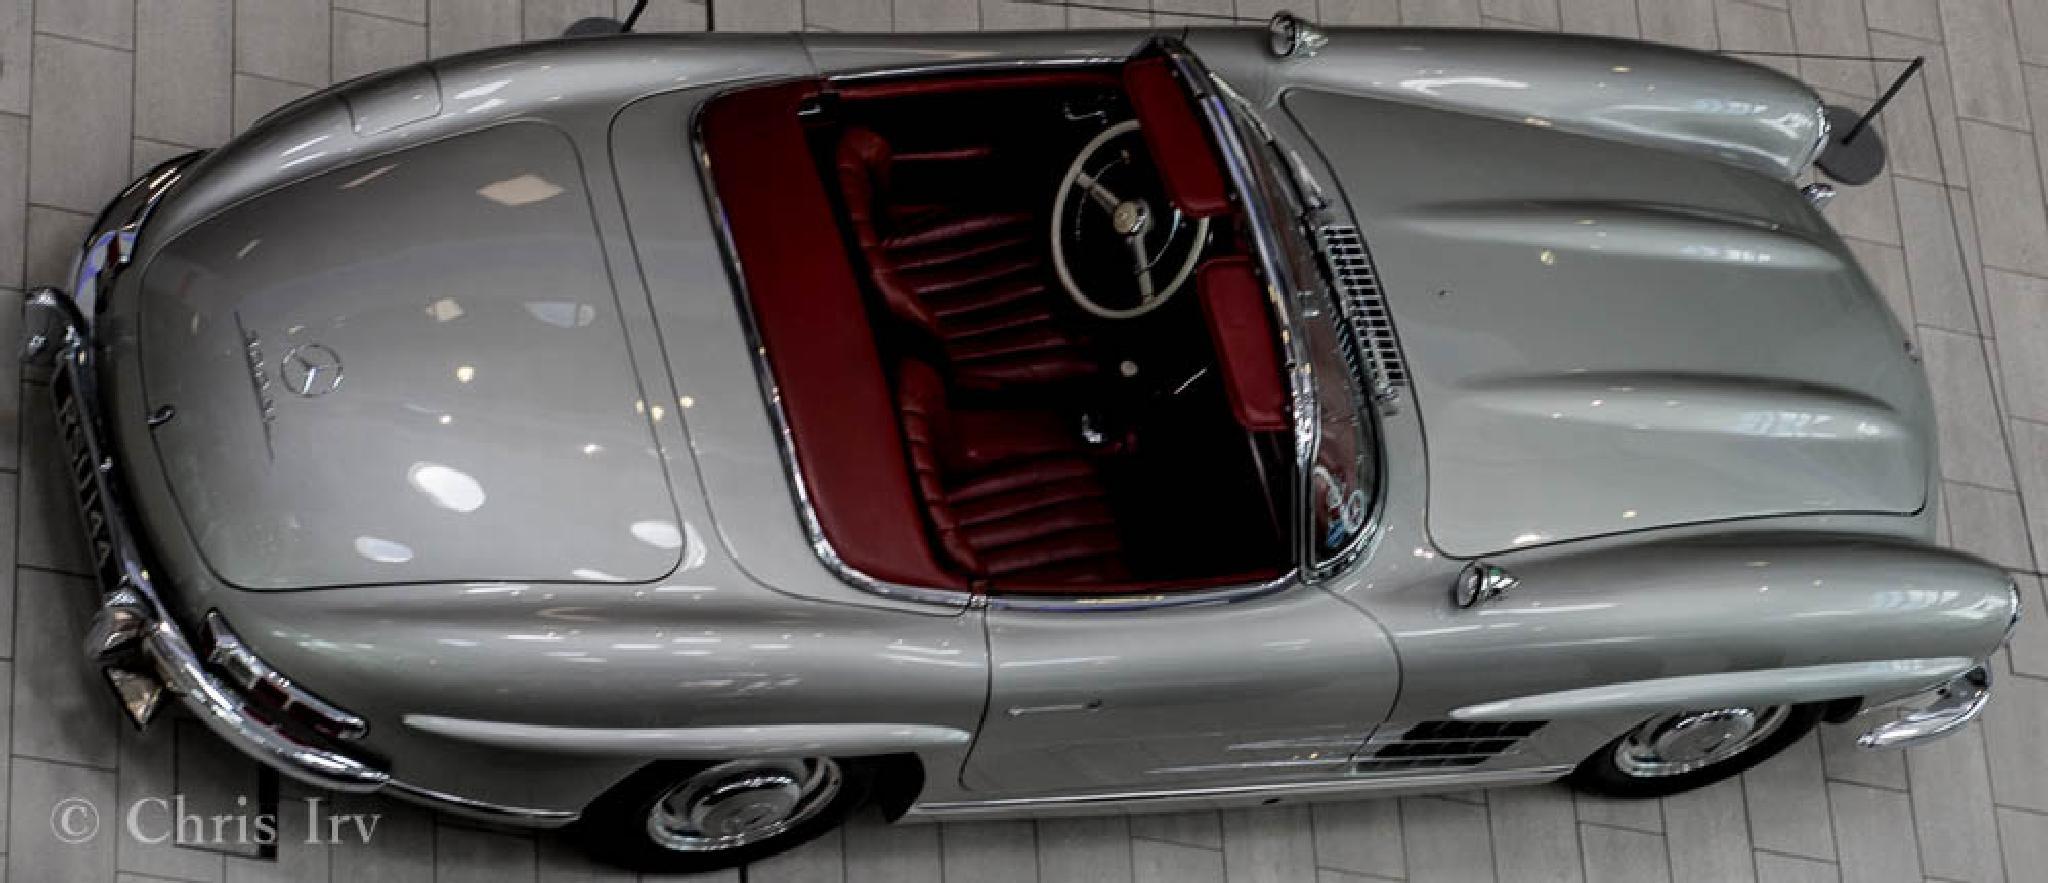 Mercedes Benz World by chrisirv